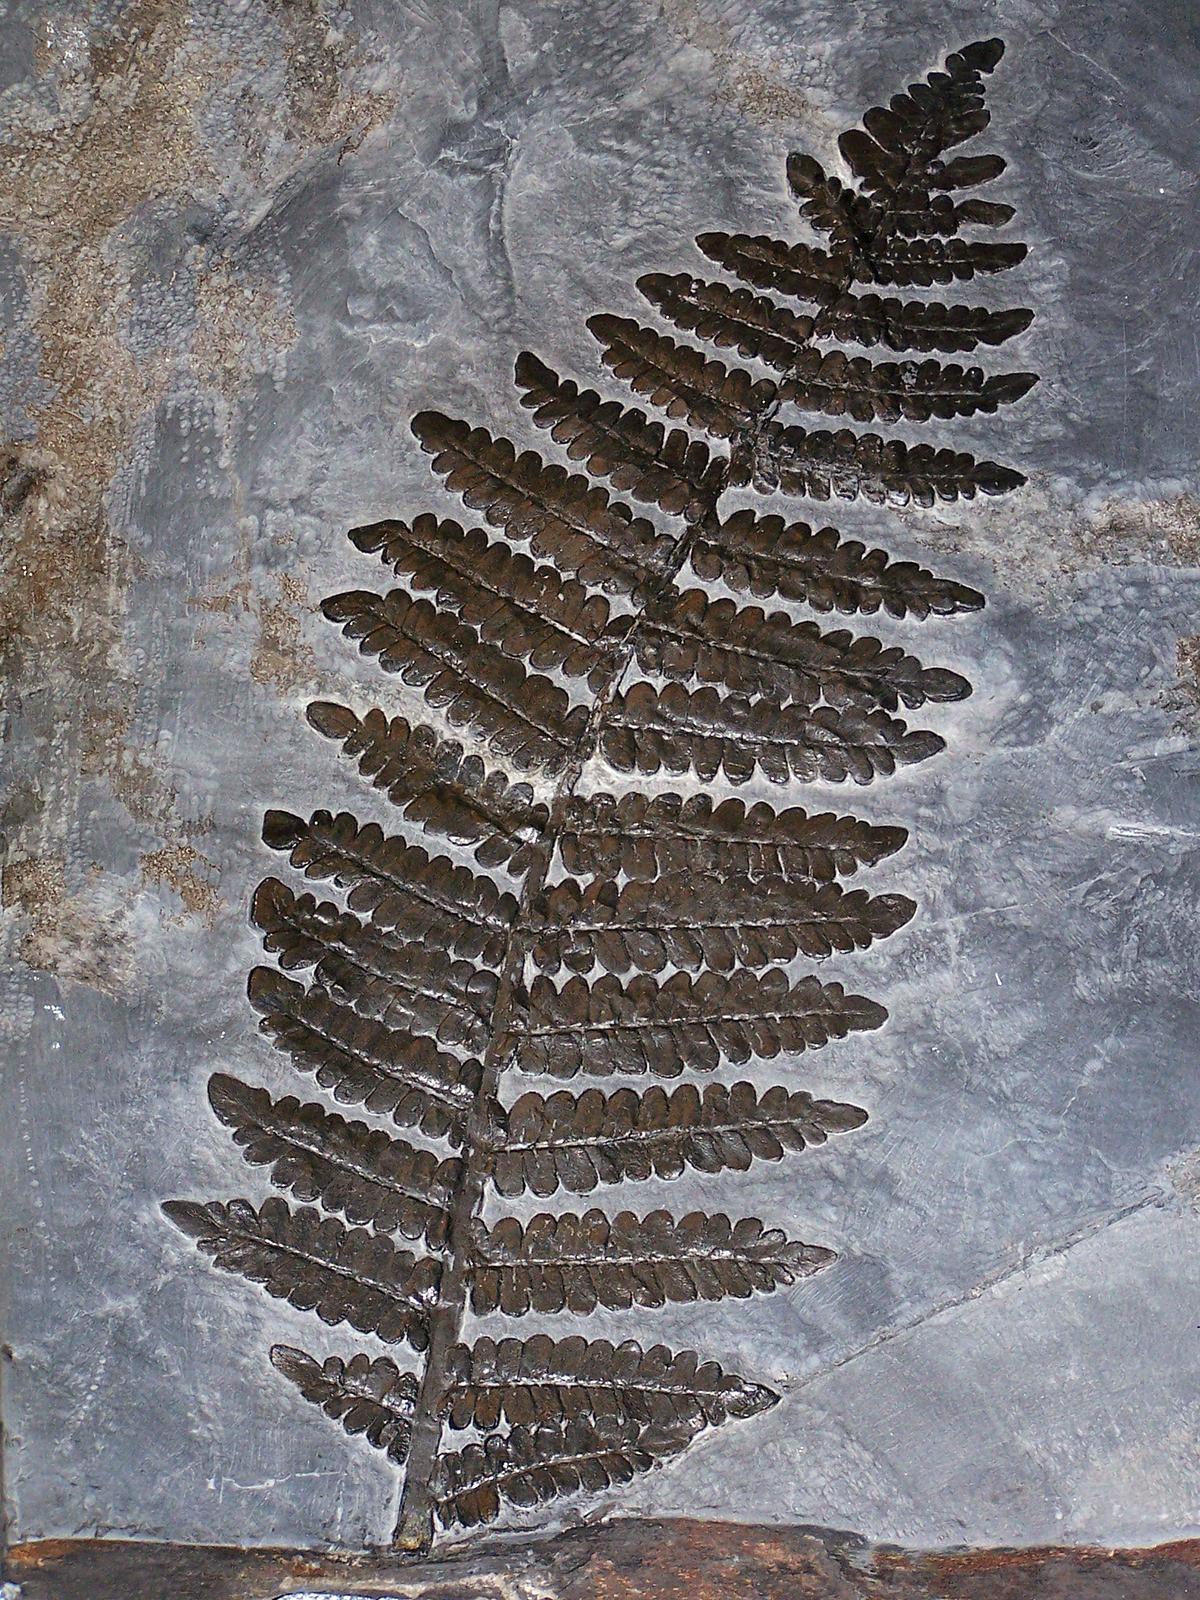 Fotografia przedstawia płaski kawałek szarawego węgla zodciskiem liścia paproci. Odcisk jest ciemny iwyraźny.